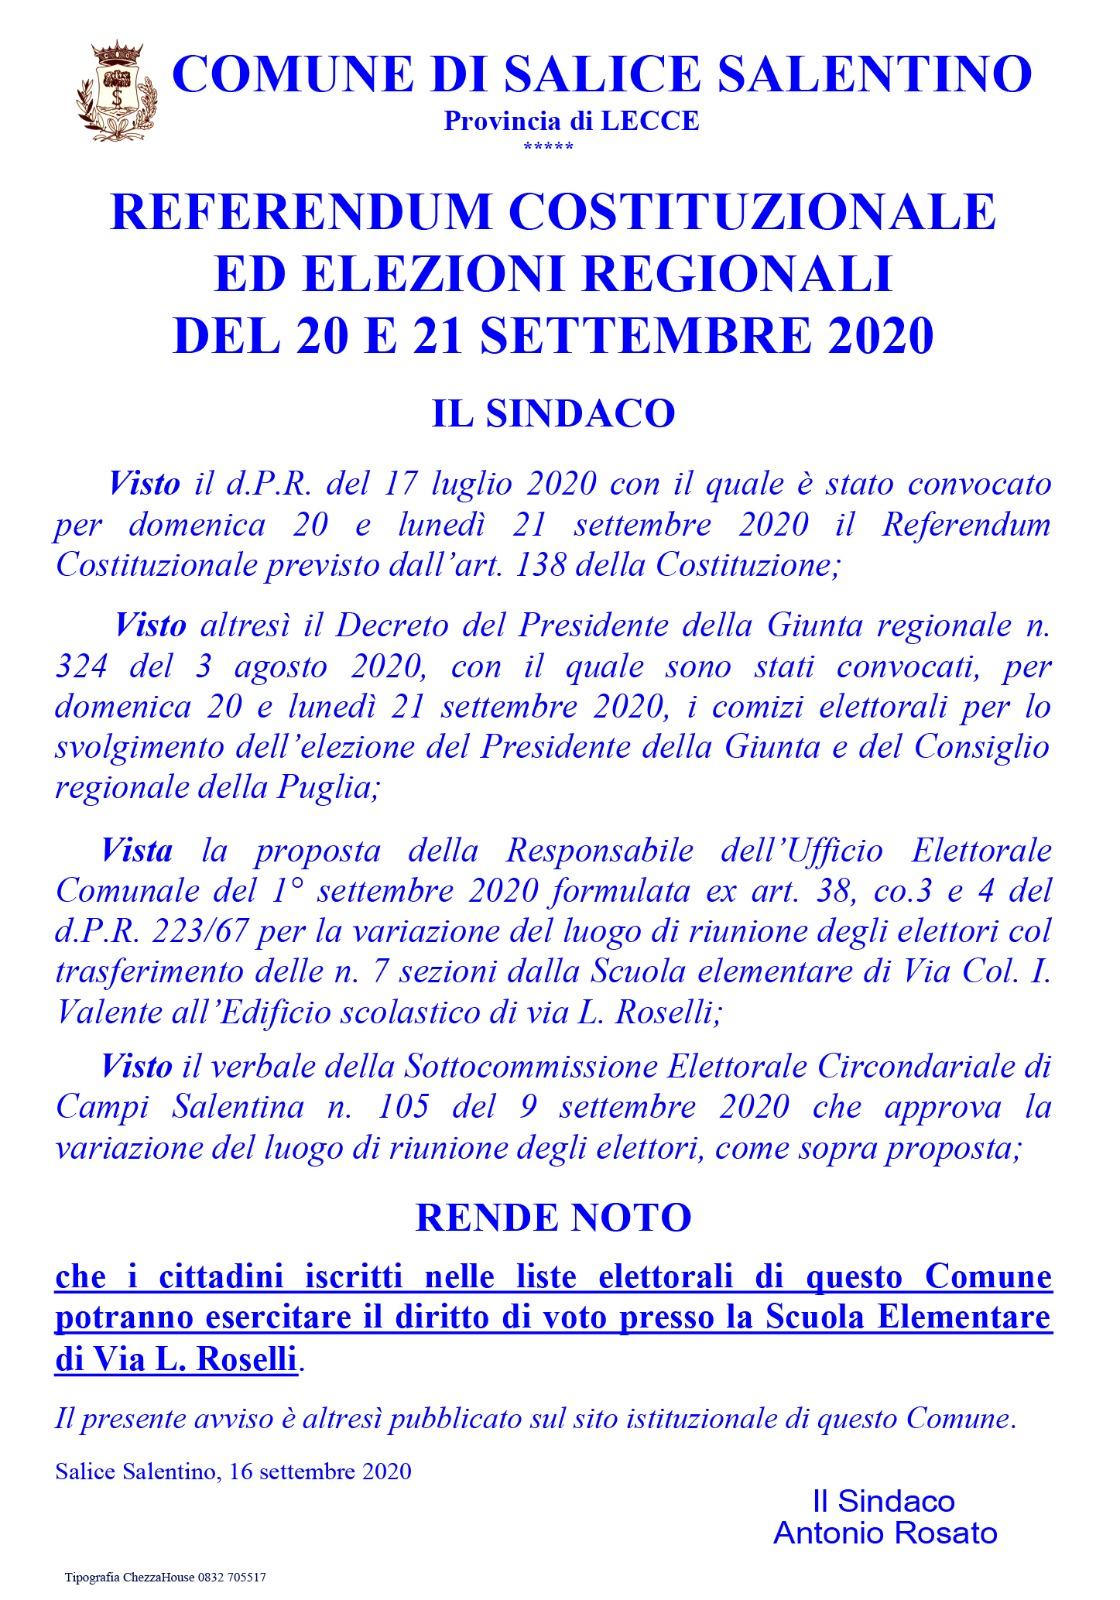 Referendum costituzionale ed elezioni regionali del 20 e 21 settembre 2020